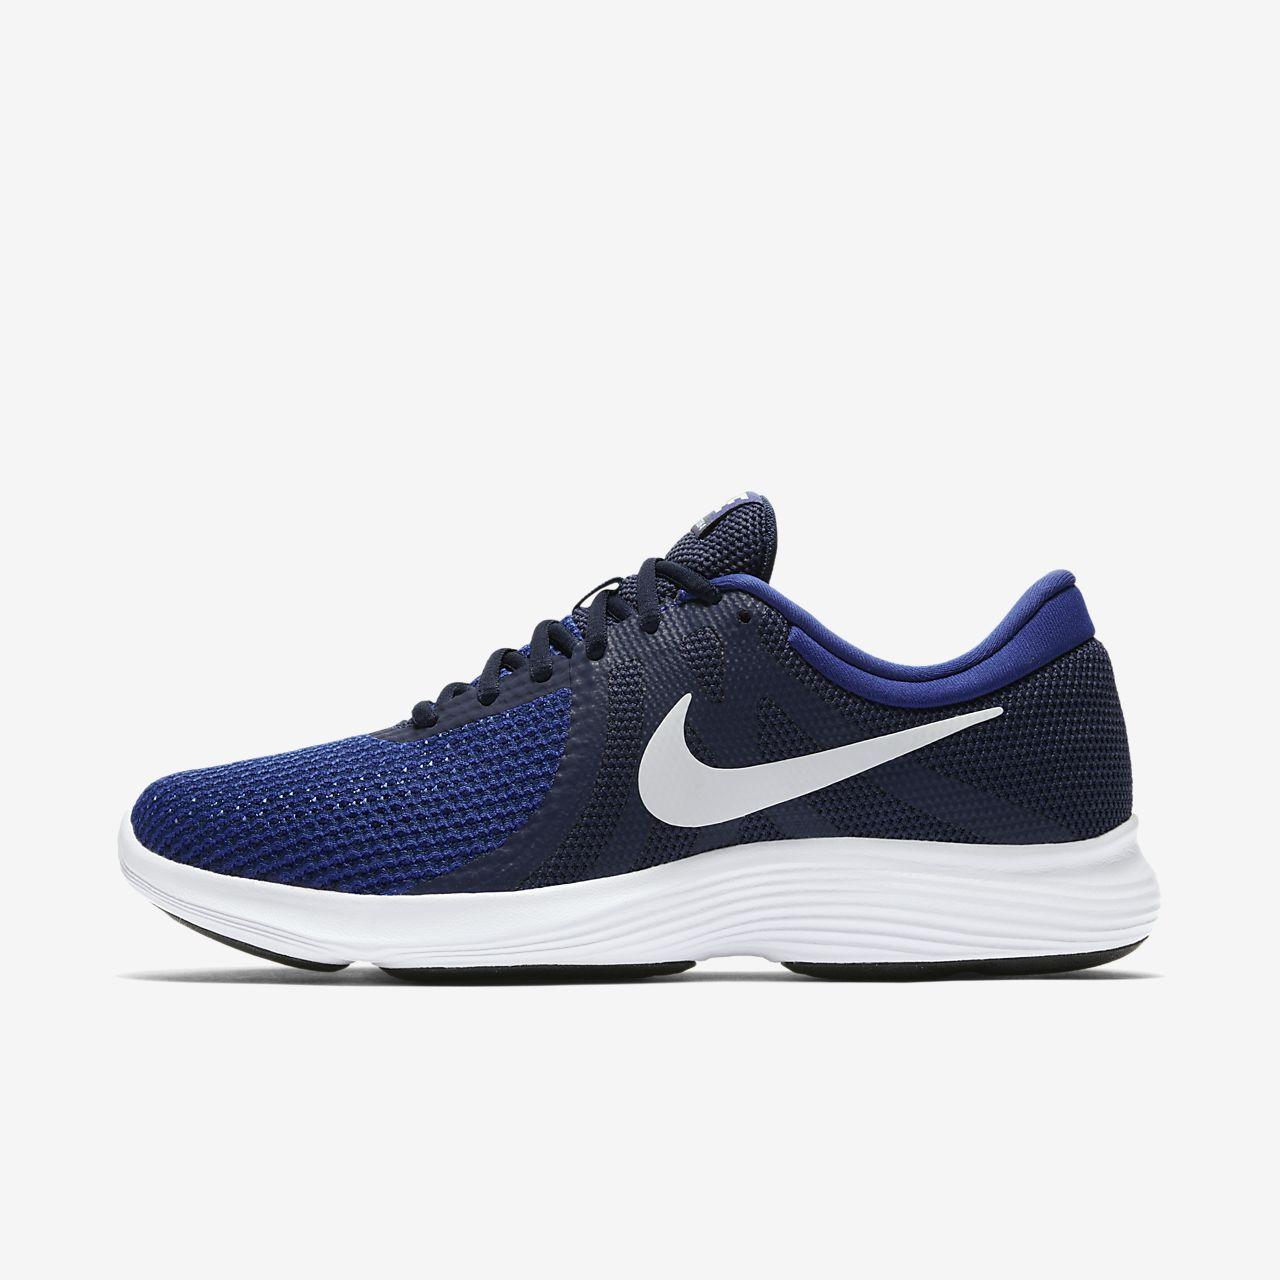 Ανδρικό παπούτσι για τρέξιμο Nike Revolution 4 (ΕΕ)